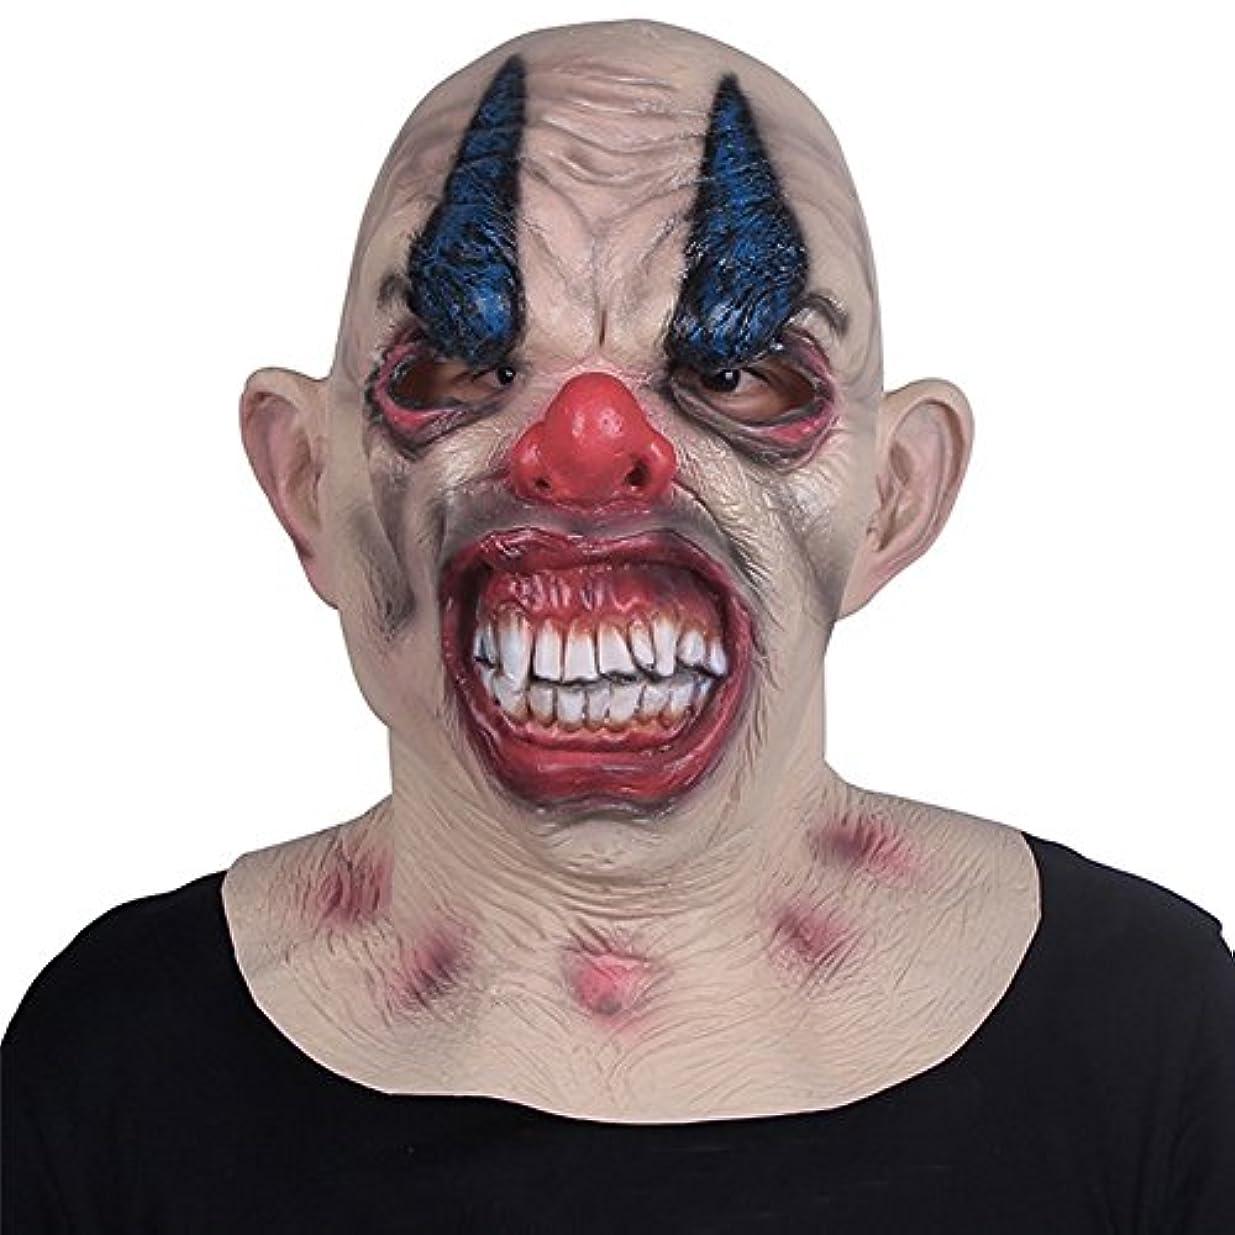 アルカイックウェーハホイストホラーマスク成人男性フルフェイス怖いラテックスヘッドセットハロウィン東京グールマスクゴーストフェイスデビル